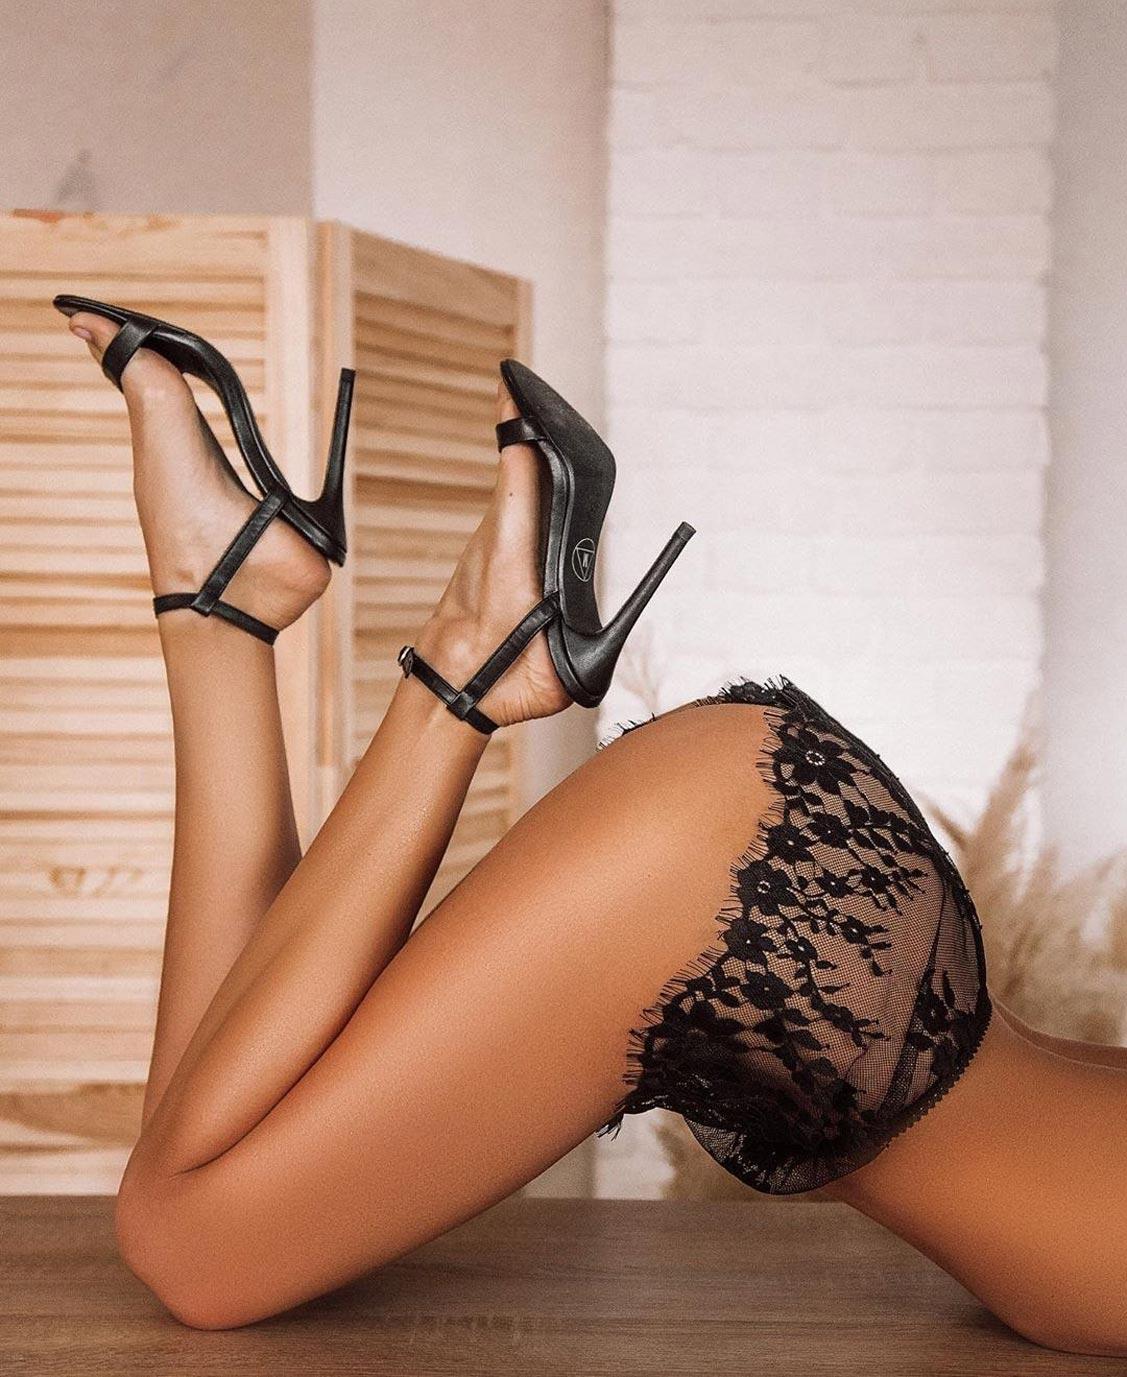 Анастасия Щеглова в нижнем белье торговой марки MissX / фото 07